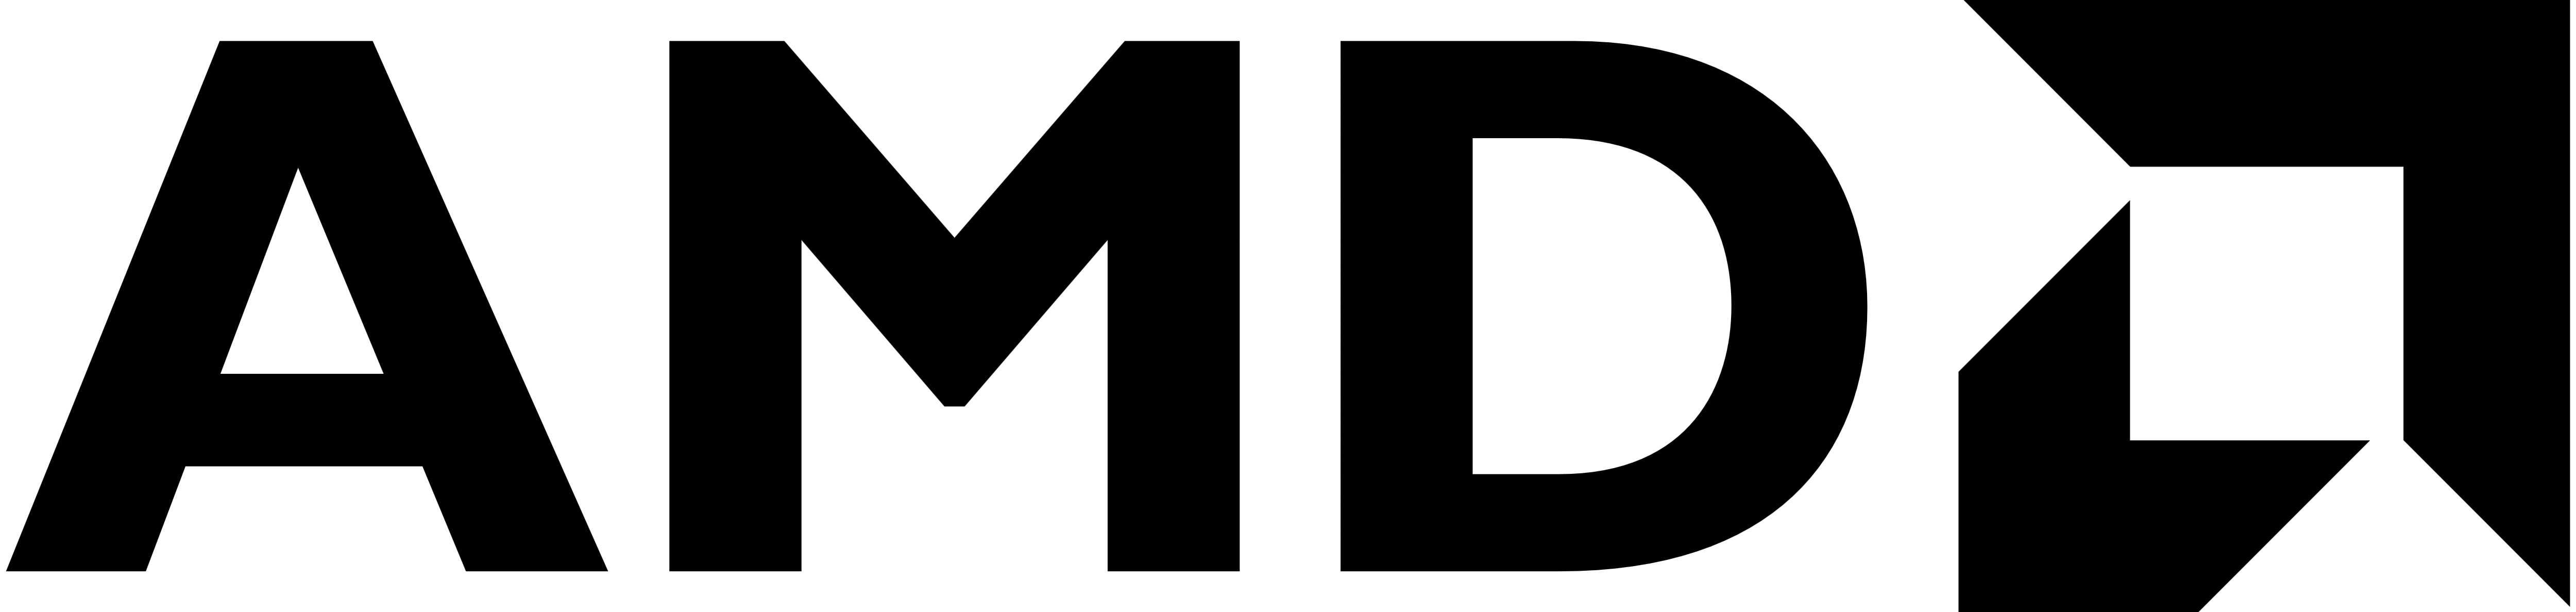 AMD - Logos Download